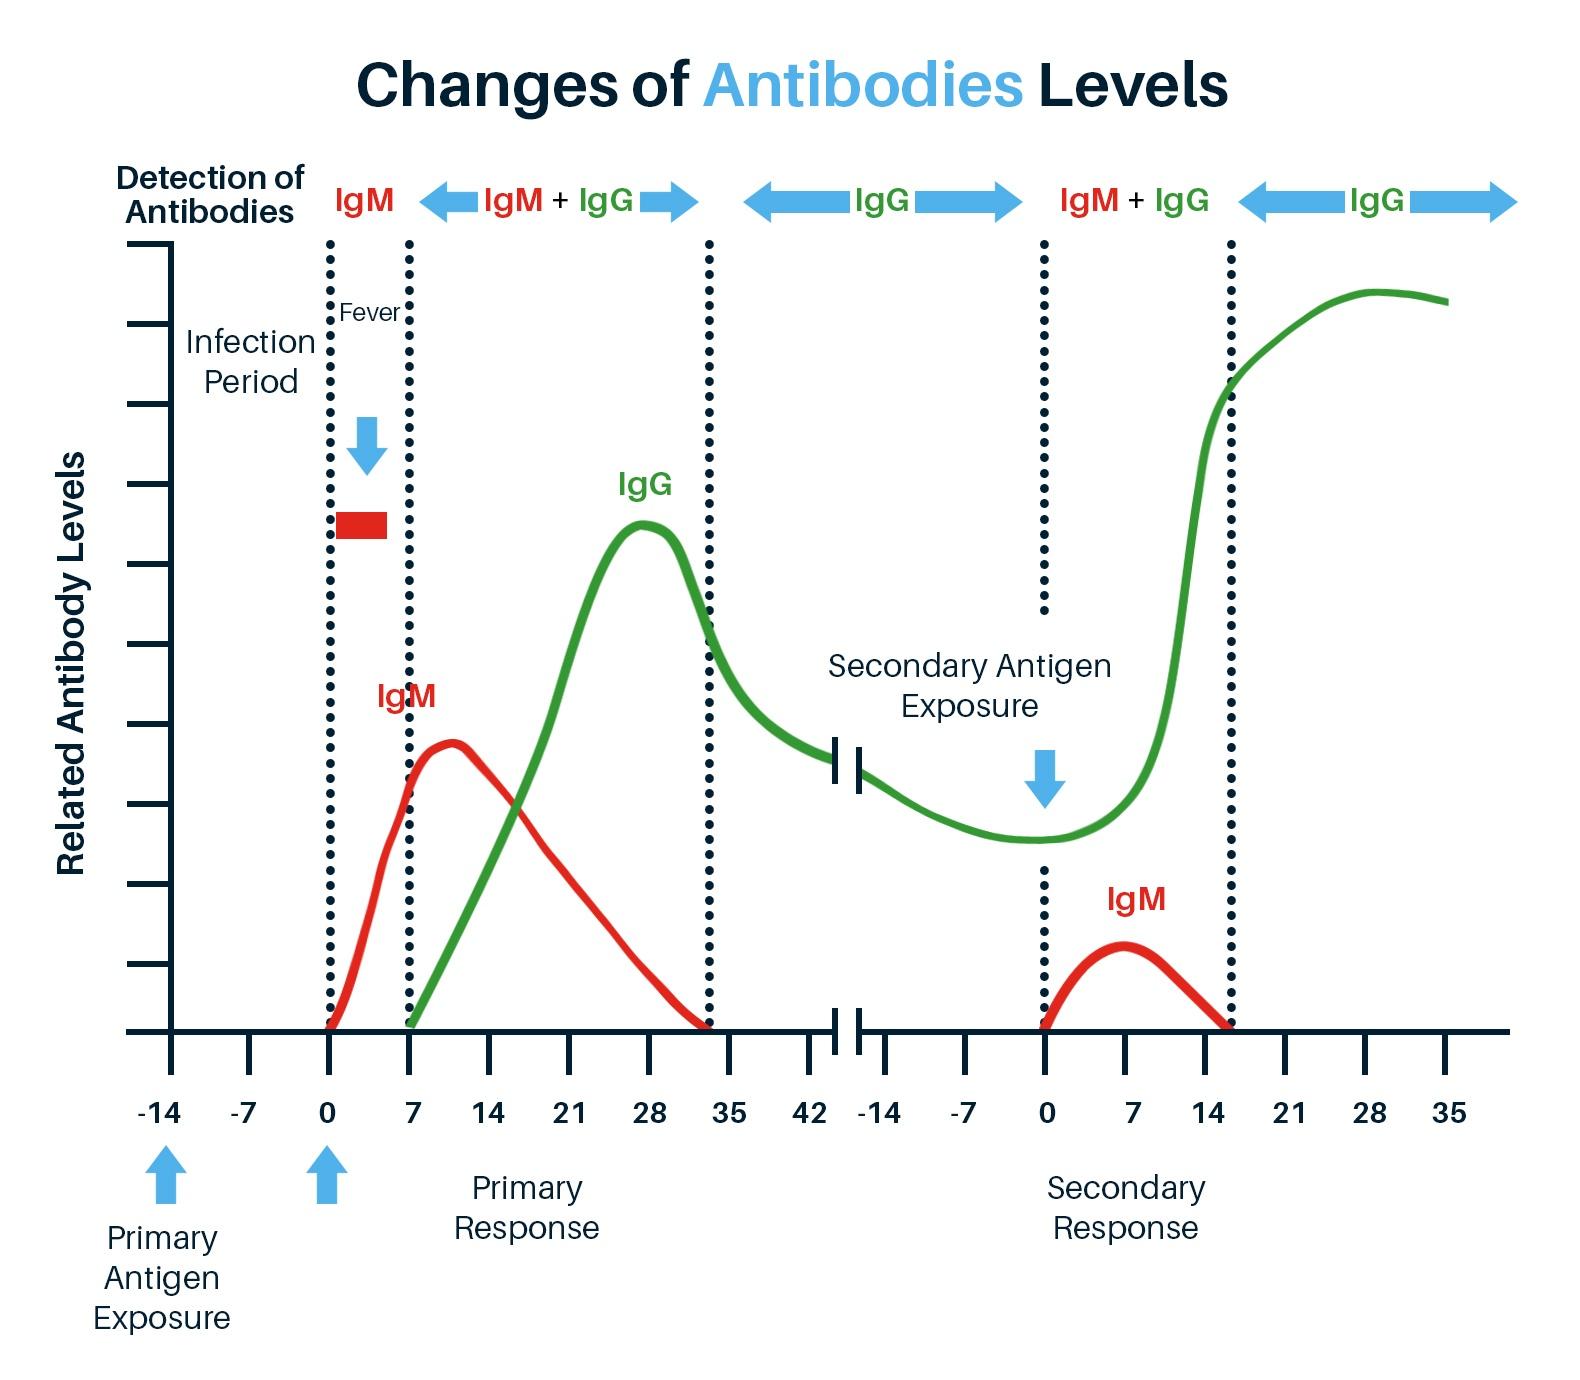 CoronaSafe - Changes of Antibodies Levels